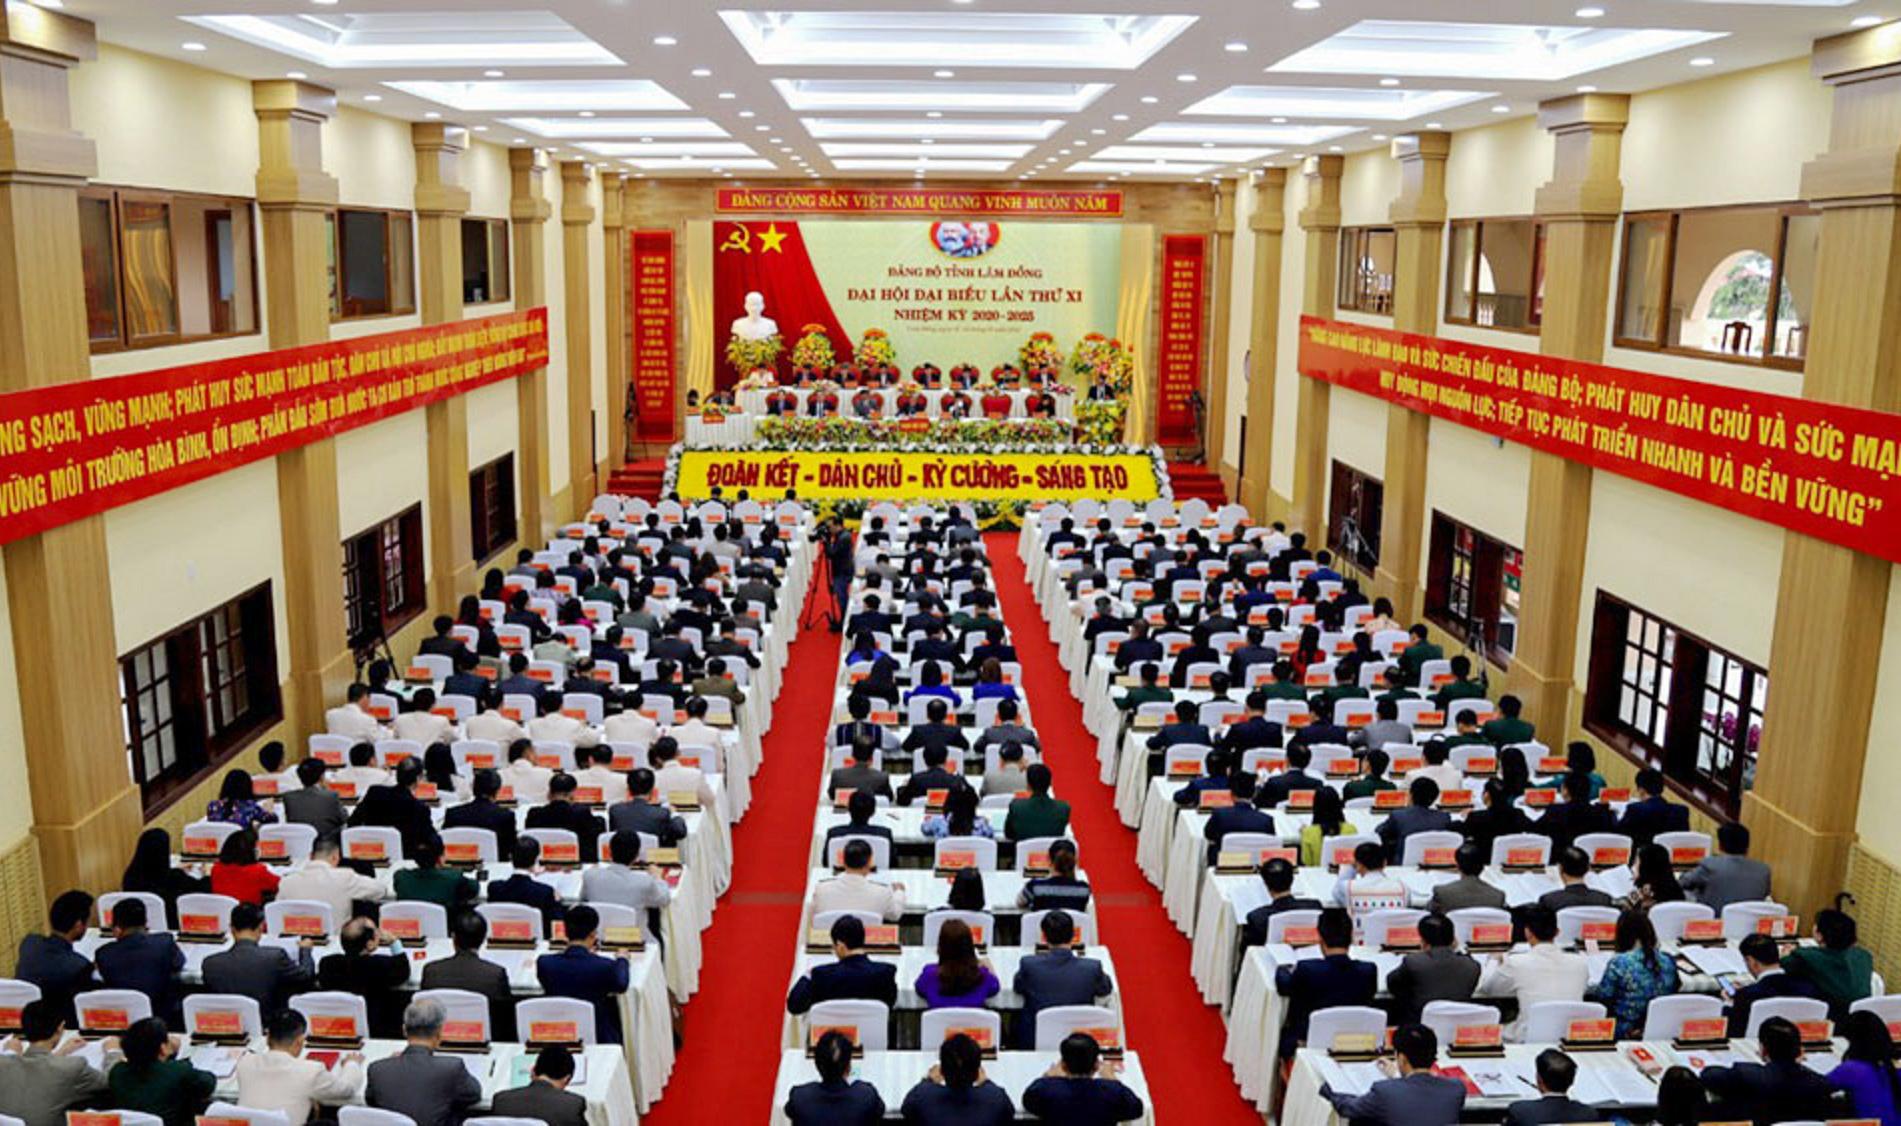 Toàn cảnh Đại hội Đảng bộ tỉnh Lâm Đồng